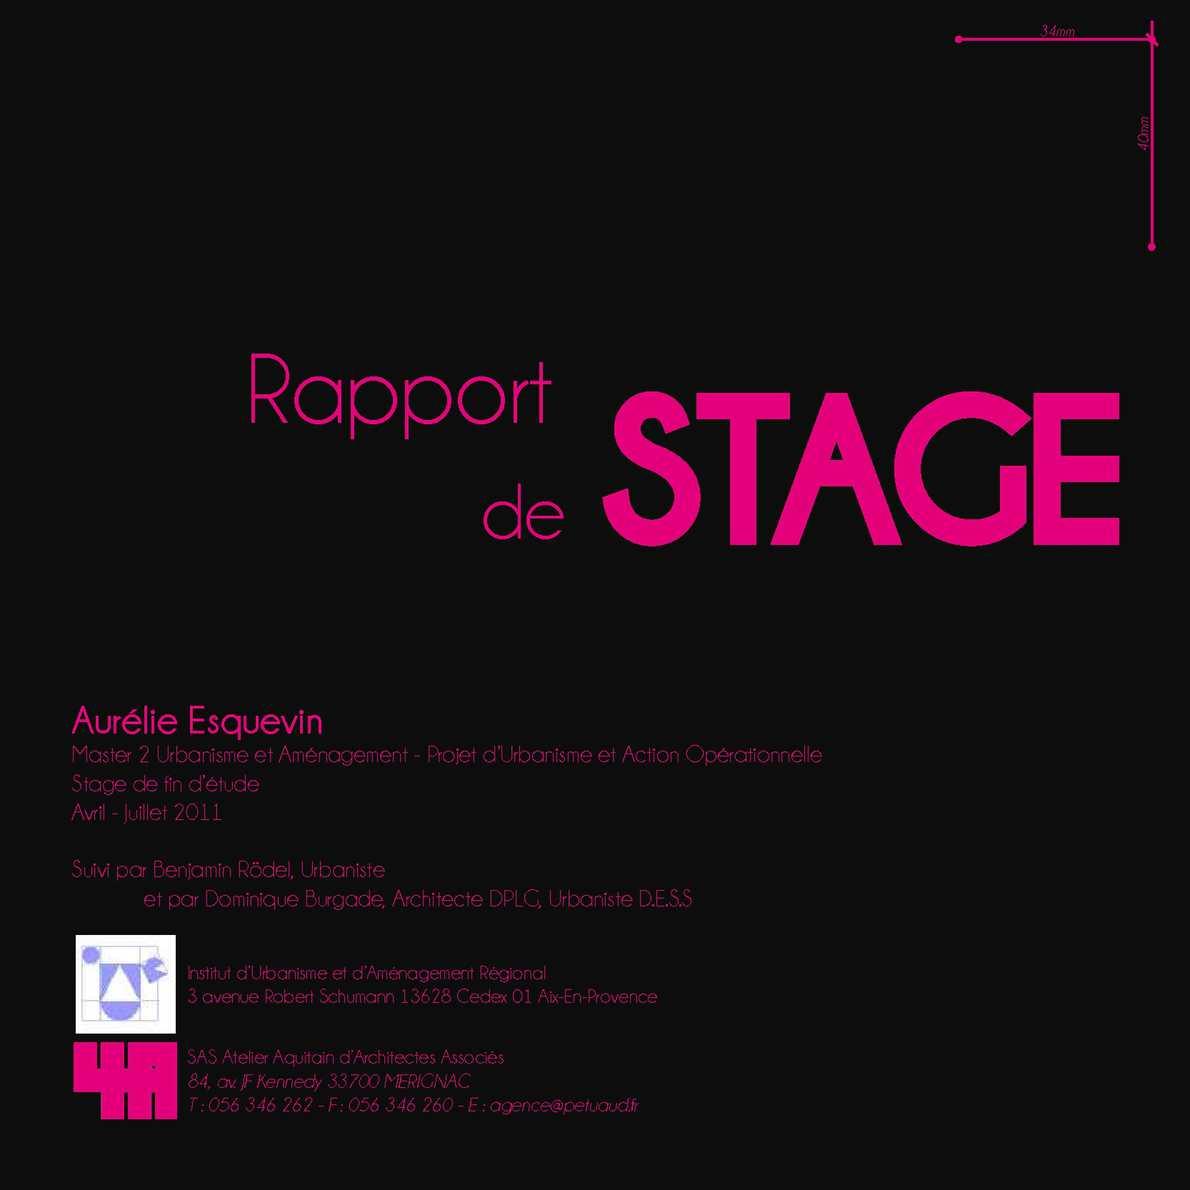 Rapport De Stage Master 2 Urbanisme Calameo Downloader